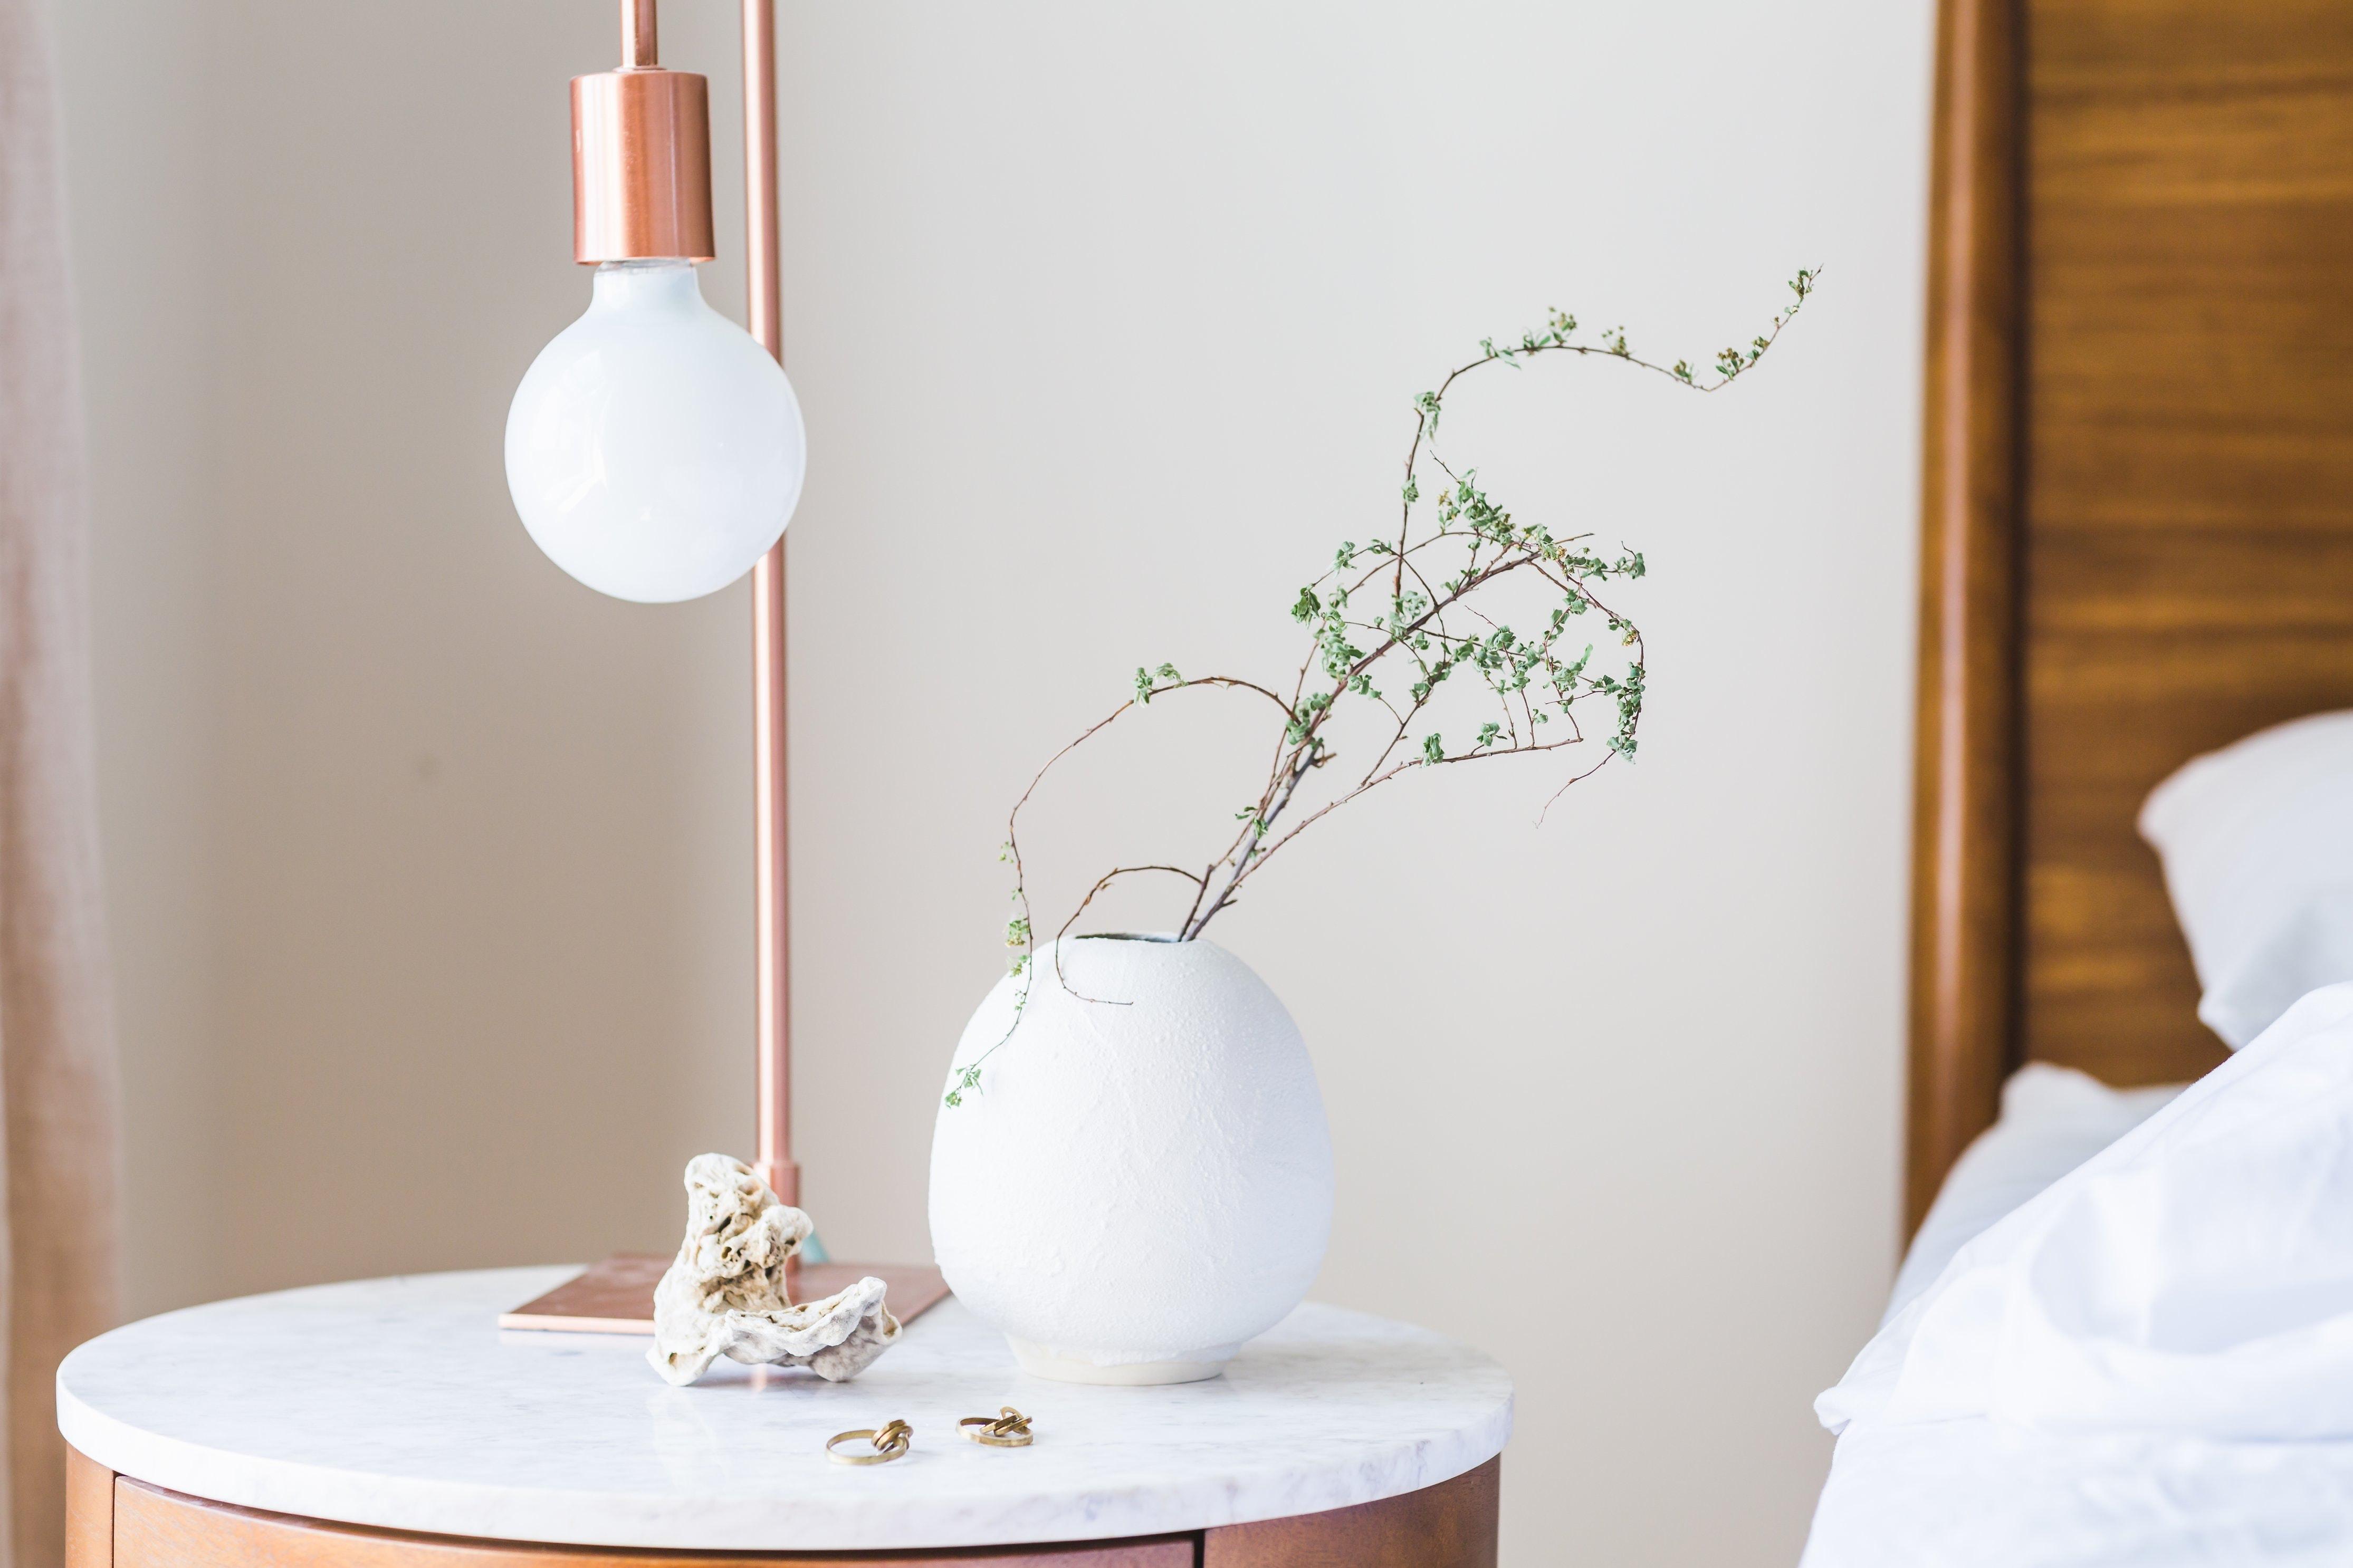 Her finder du bl.a. lamper fra populære mærker som Frandsen Lighting og VP Globe